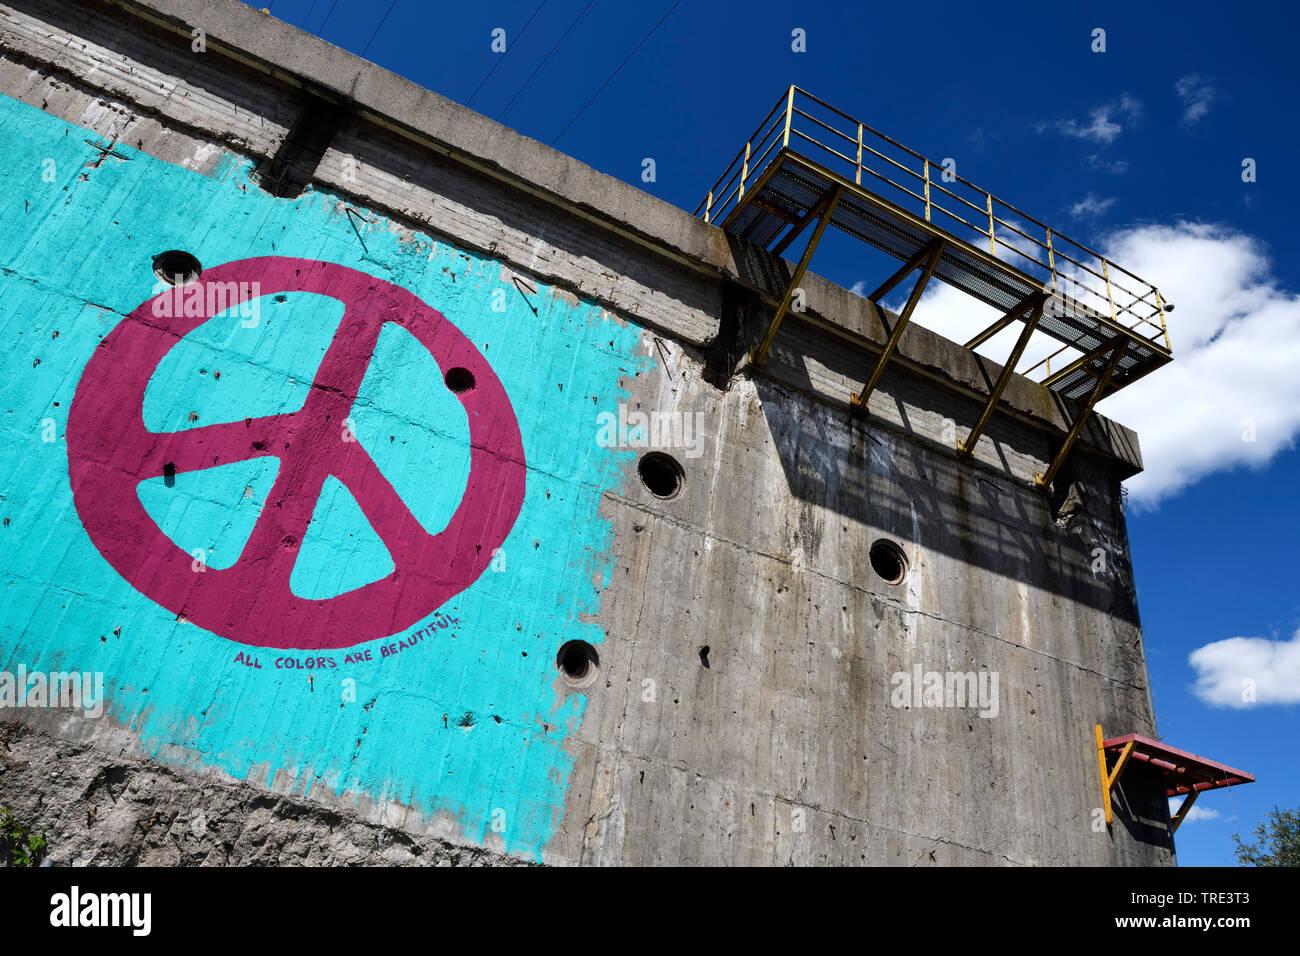 Peace-Zeichen an einem alten Bunker in Wilhelmsburg, Deutschland, Hamburg, Wilhelmsburg   peace sign at an old bunker, Germany, Hamburg, Wilhelmsburg - Stock Image